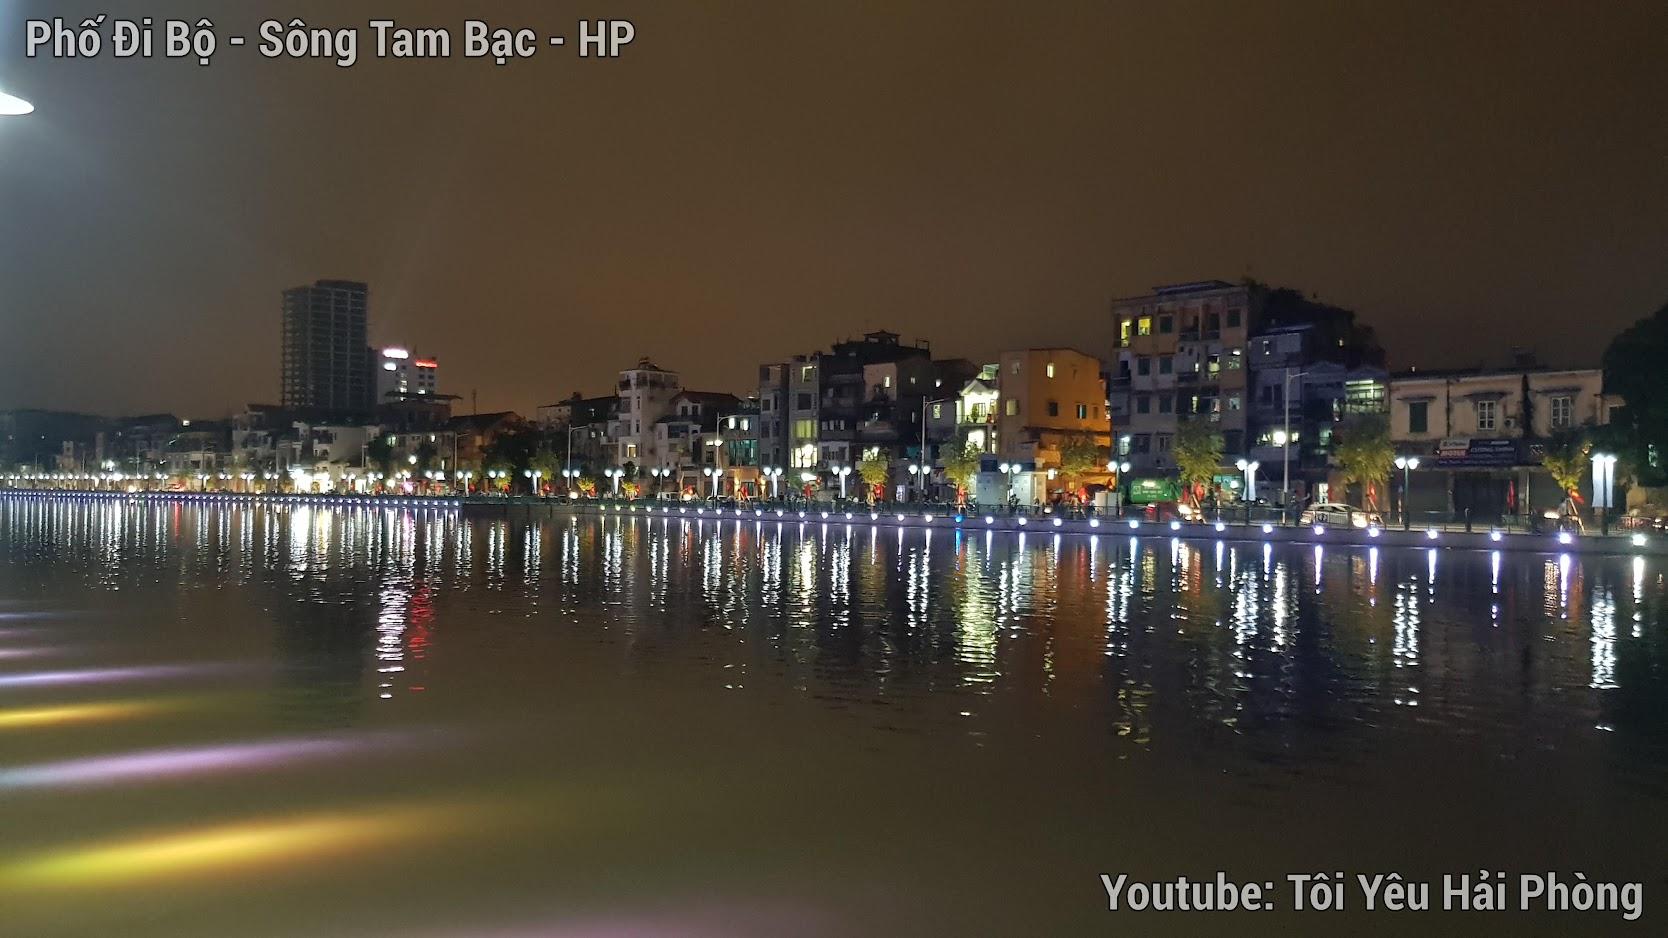 Buổi tối ở Phố Đi Bộ bên sông Tam Bạc ở Hải Phòng 4